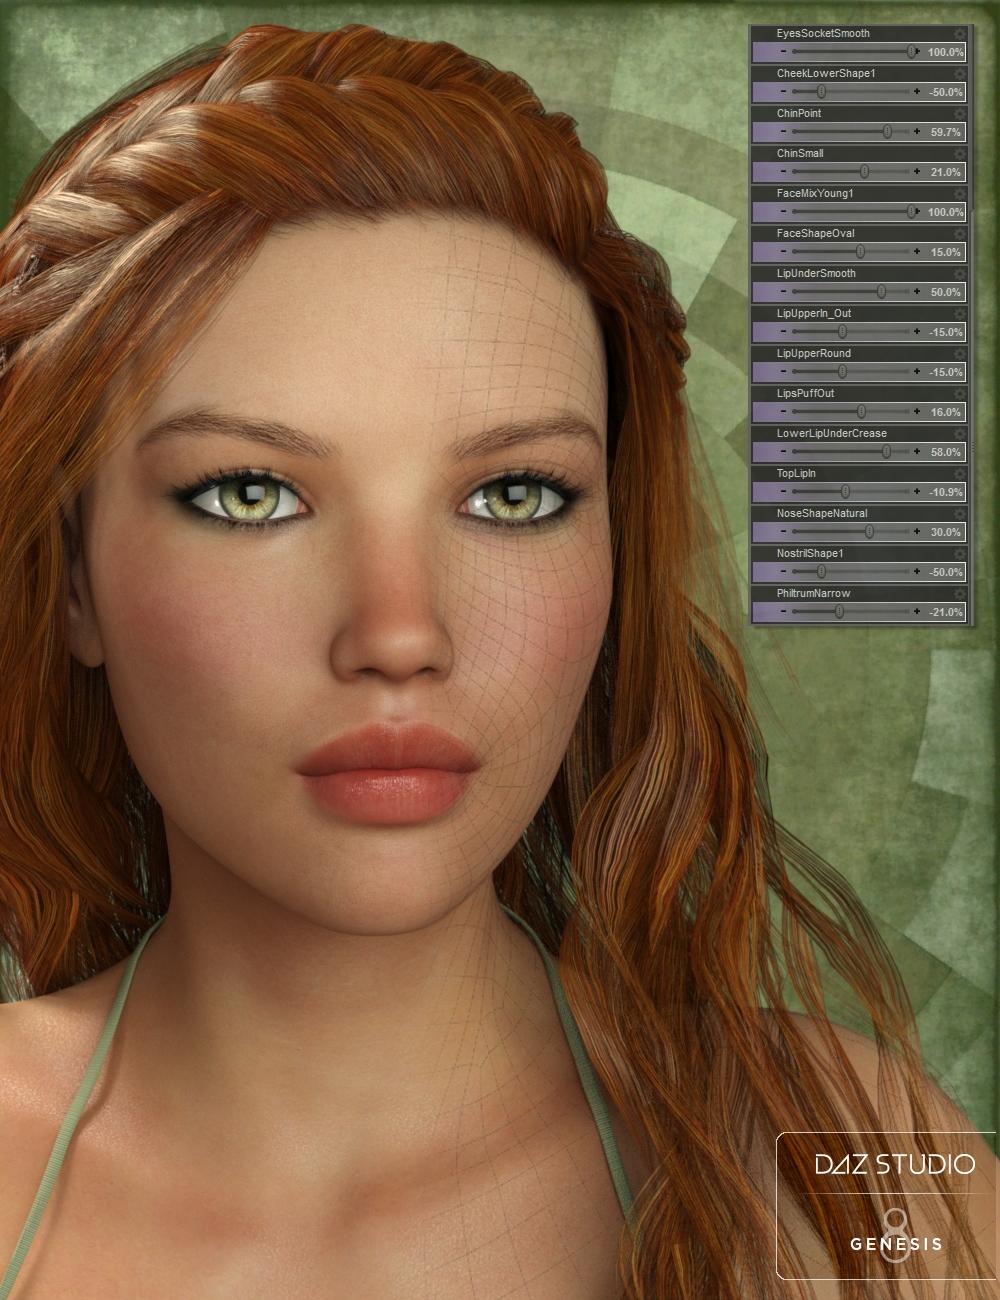 Genesis 8 Female Head Morph Resource Kit by: Handspan StudiosThorne, 3D Models by Daz 3D